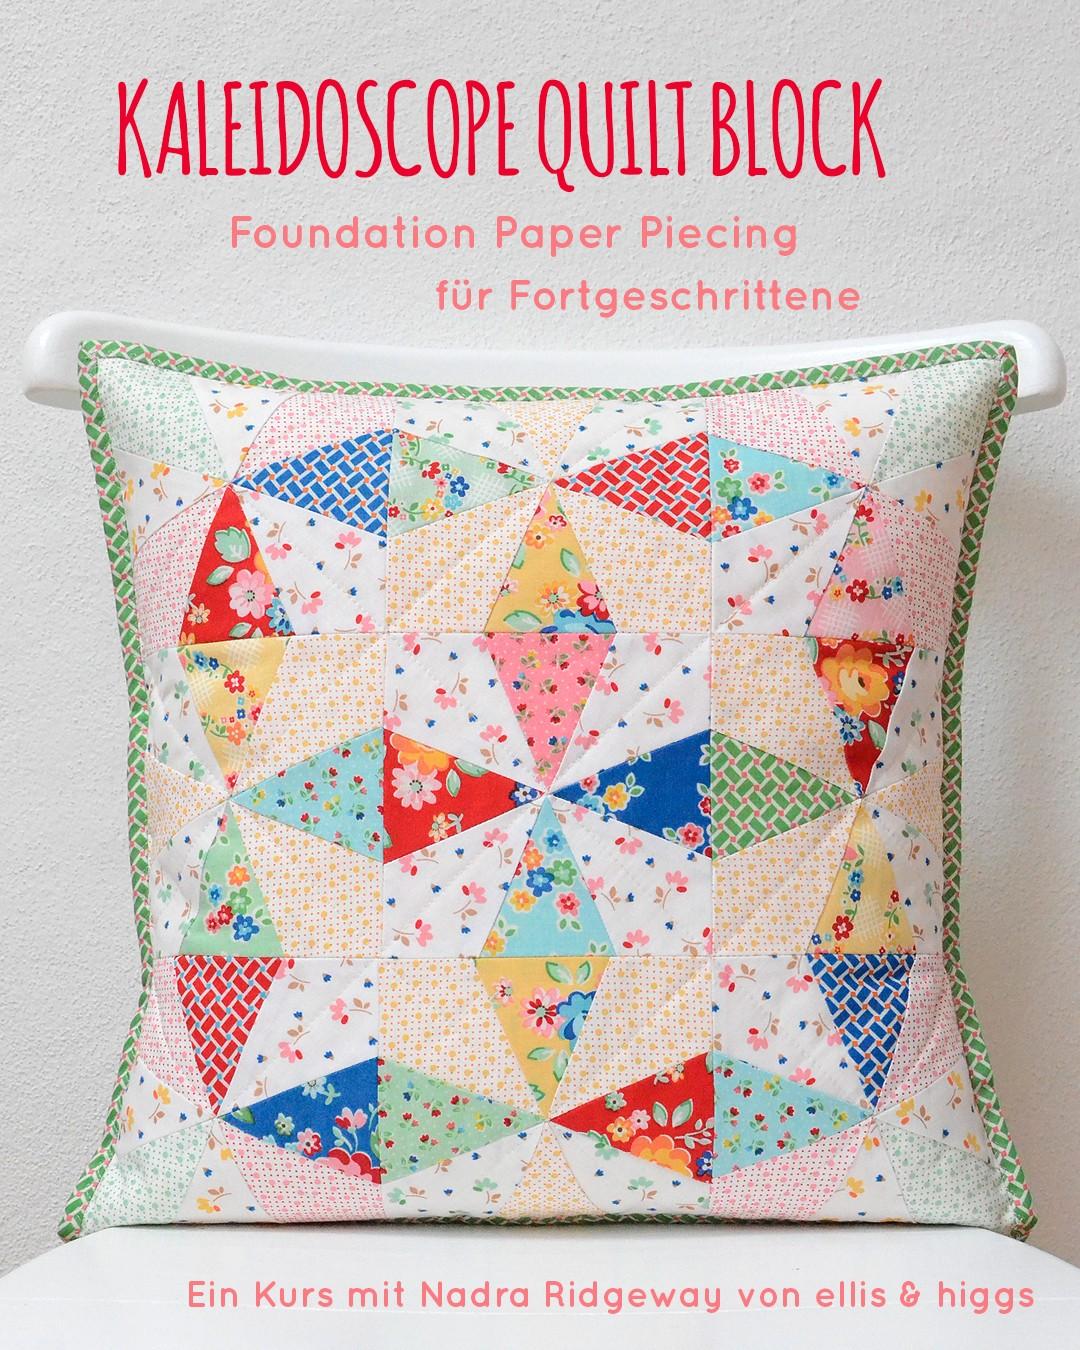 Kaleidoscope Quilt Block - Foundation Paper Piecing fuer Fortgeschrittene